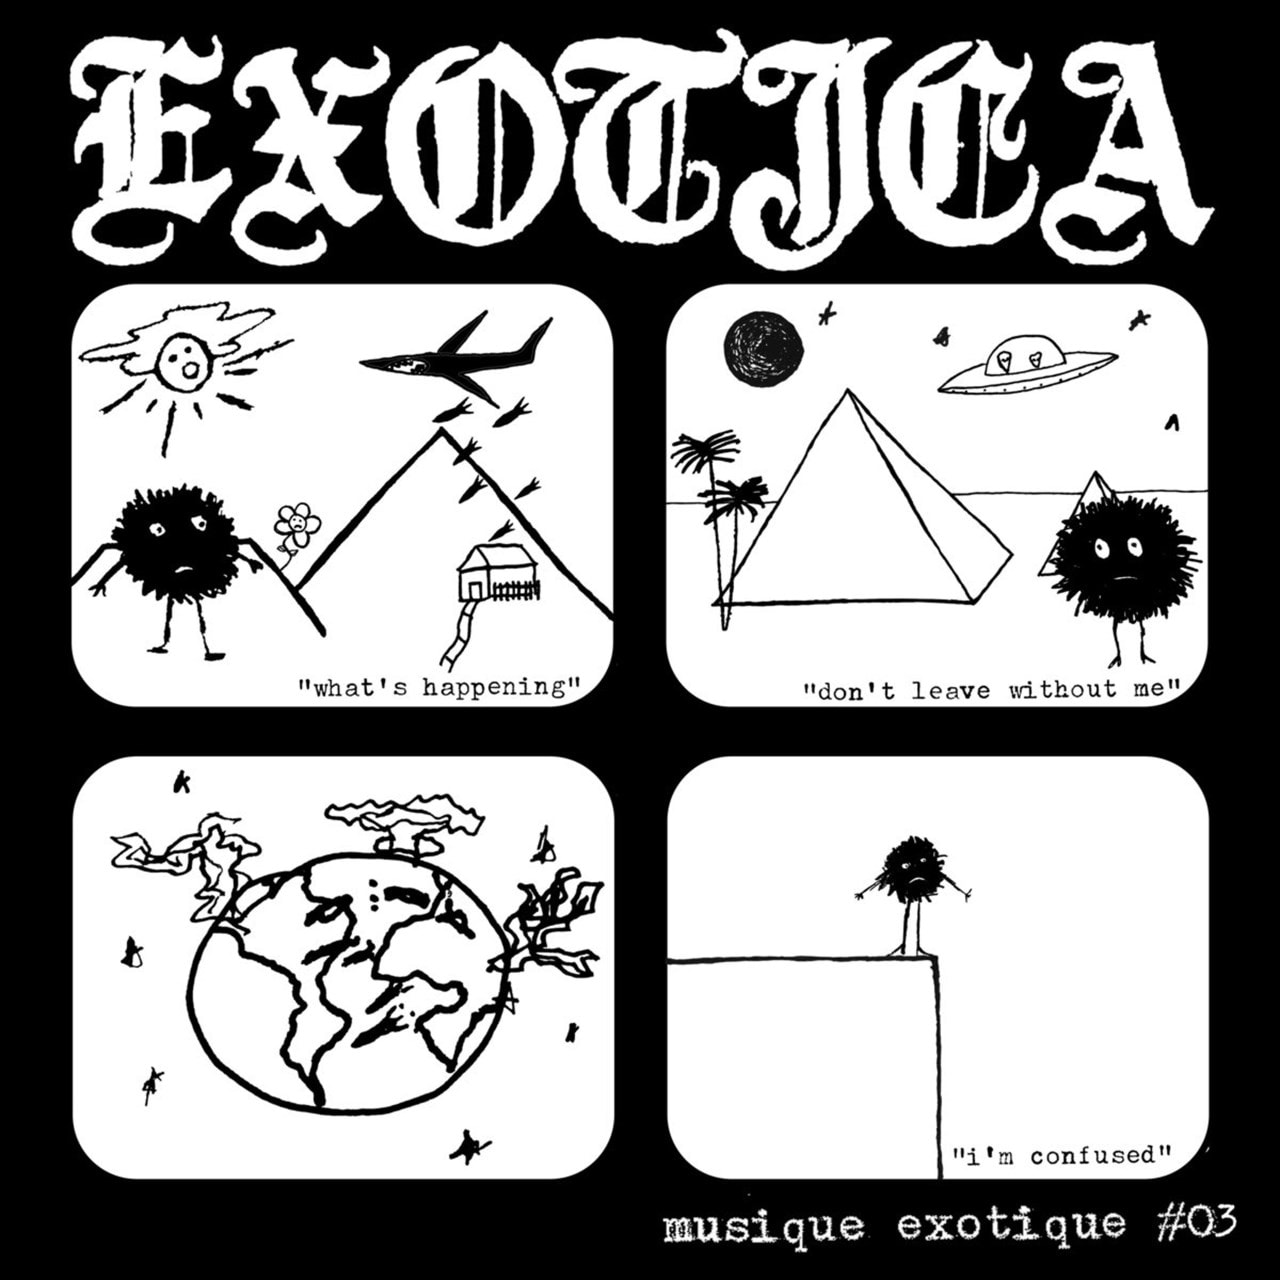 Musique Exotique #03 - 1